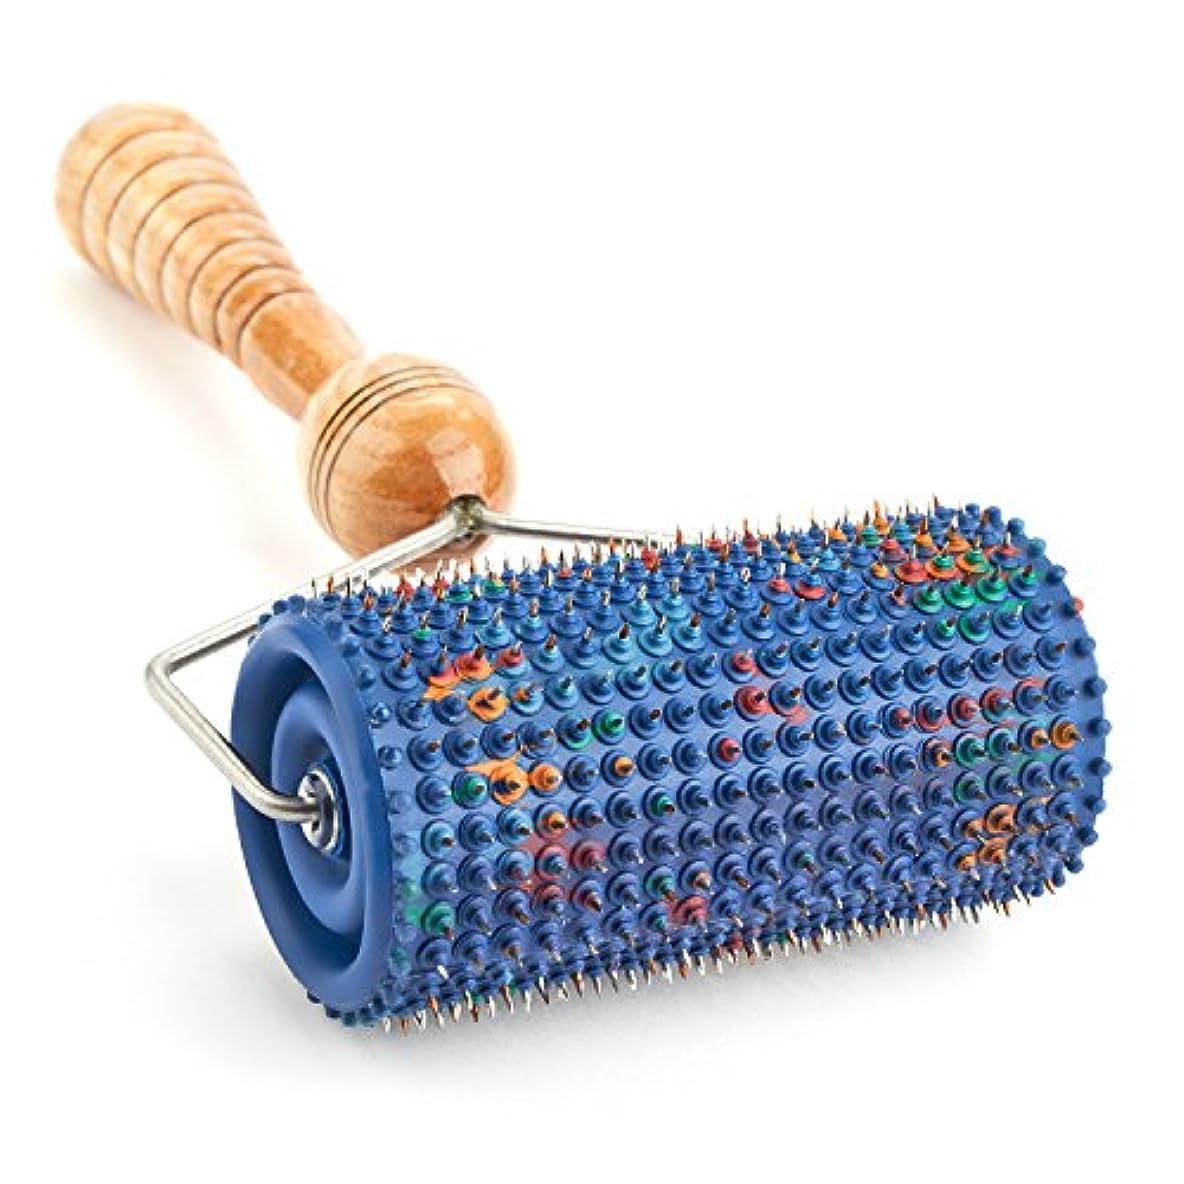 マラソン放射能蘇生するLYAPKOビッグローラーマッサージャー5.0 シルバーコーティング 指圧570針使用。体の広範囲のマッサージ用。ユニークなアプリケーター治療 セルフ ダイナミック マッサージ ツール Big Roller Massager Acupuncture Applicator